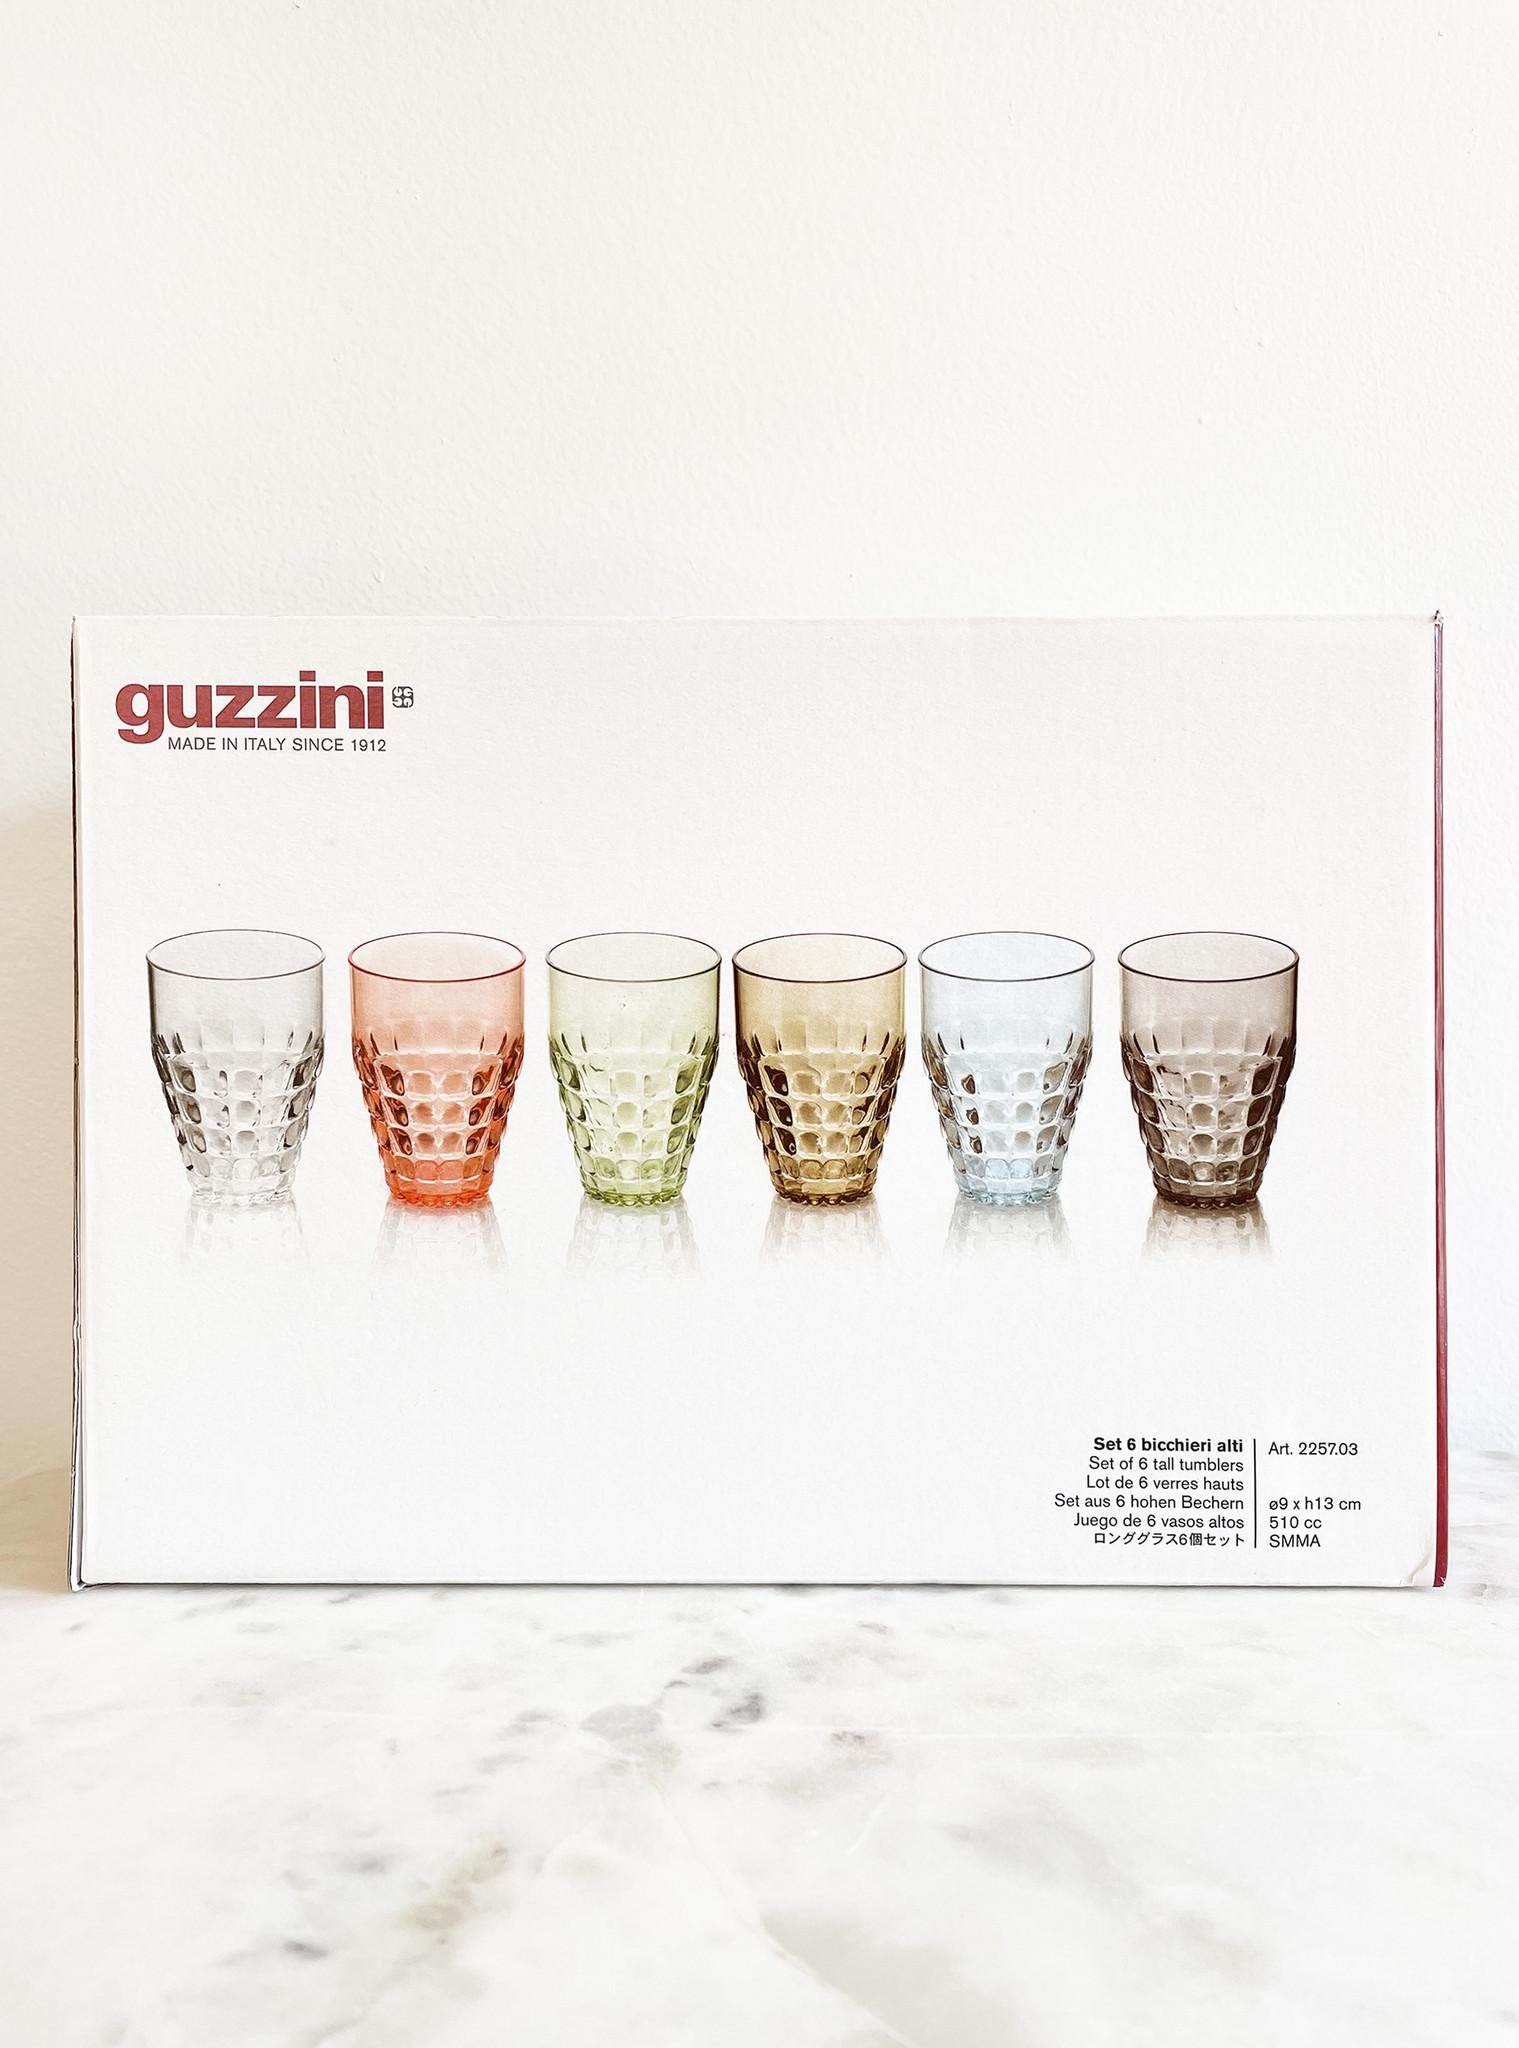 Guzzini Tiffany Tall Tumblers, Set of 6-2